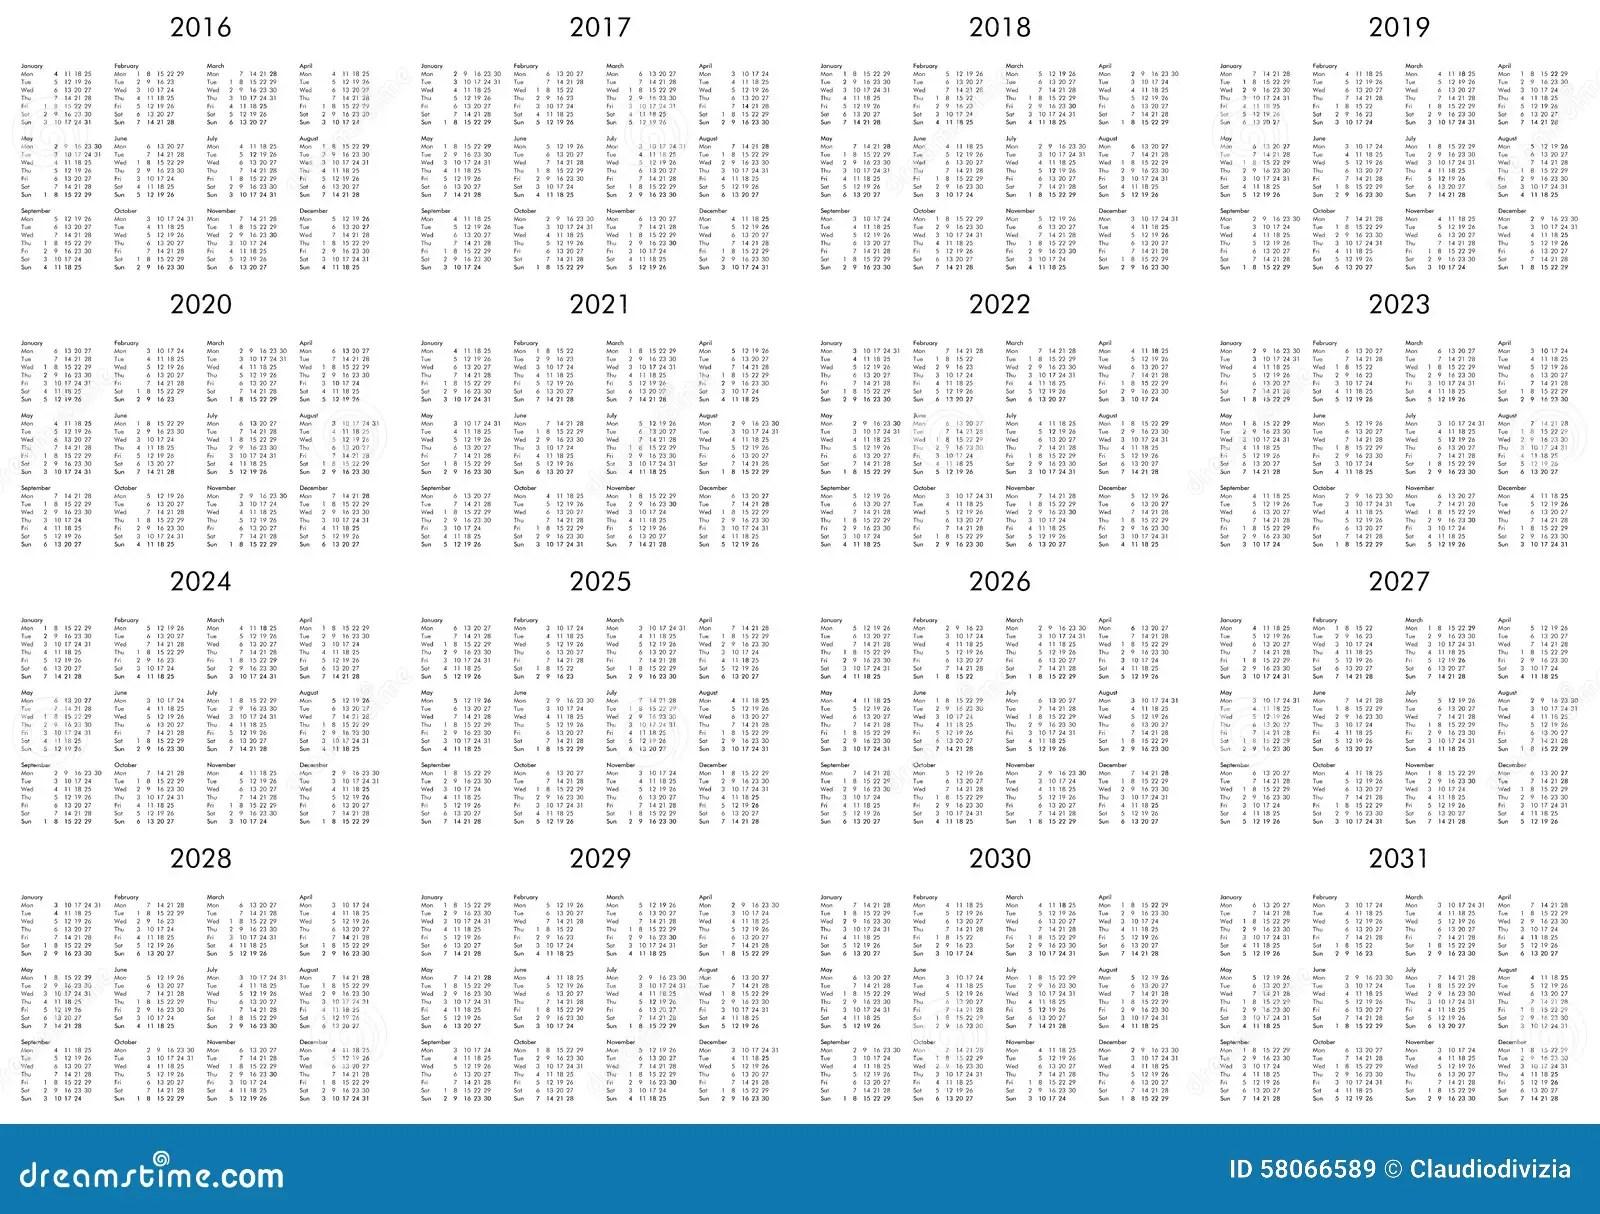 Calendario De Los Años 2016 A 2031 Imagen de archivo